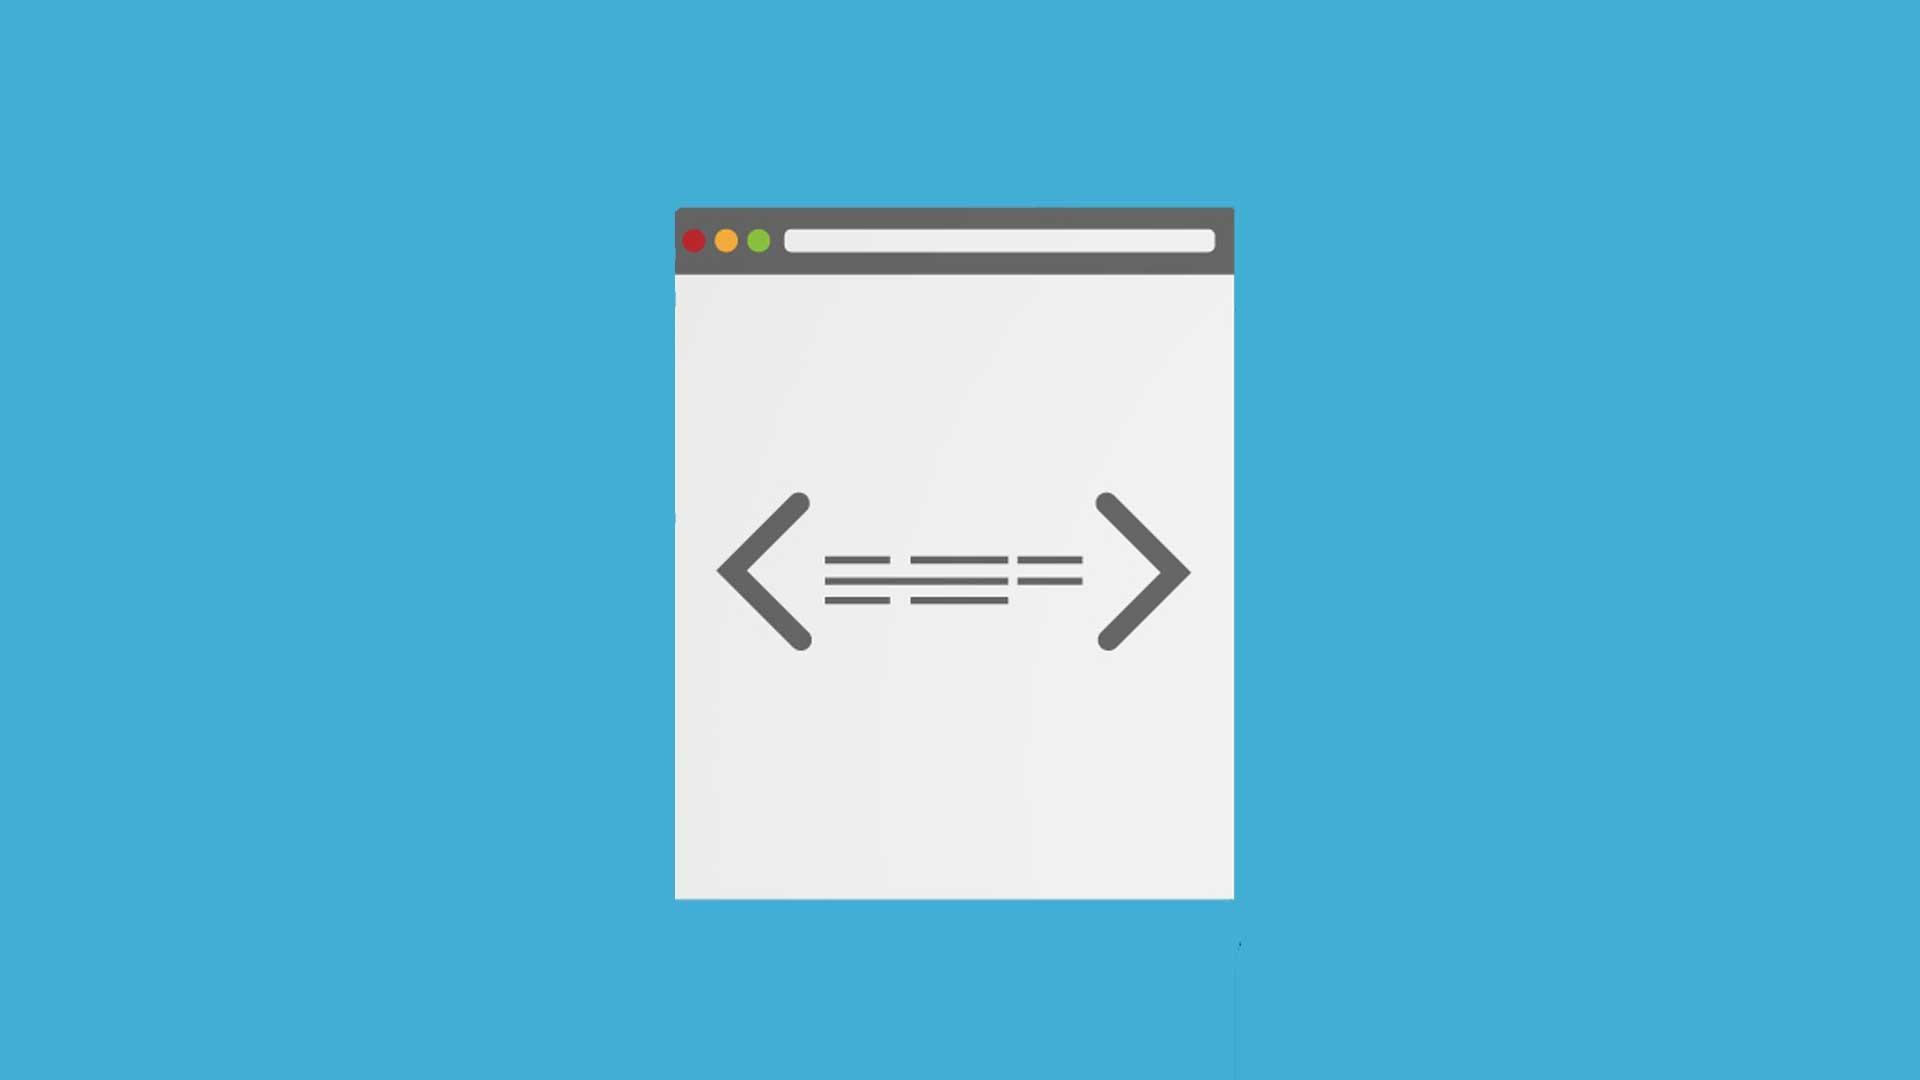 Curso de HTML5 - Iniciando a Marcação (Aula 07)